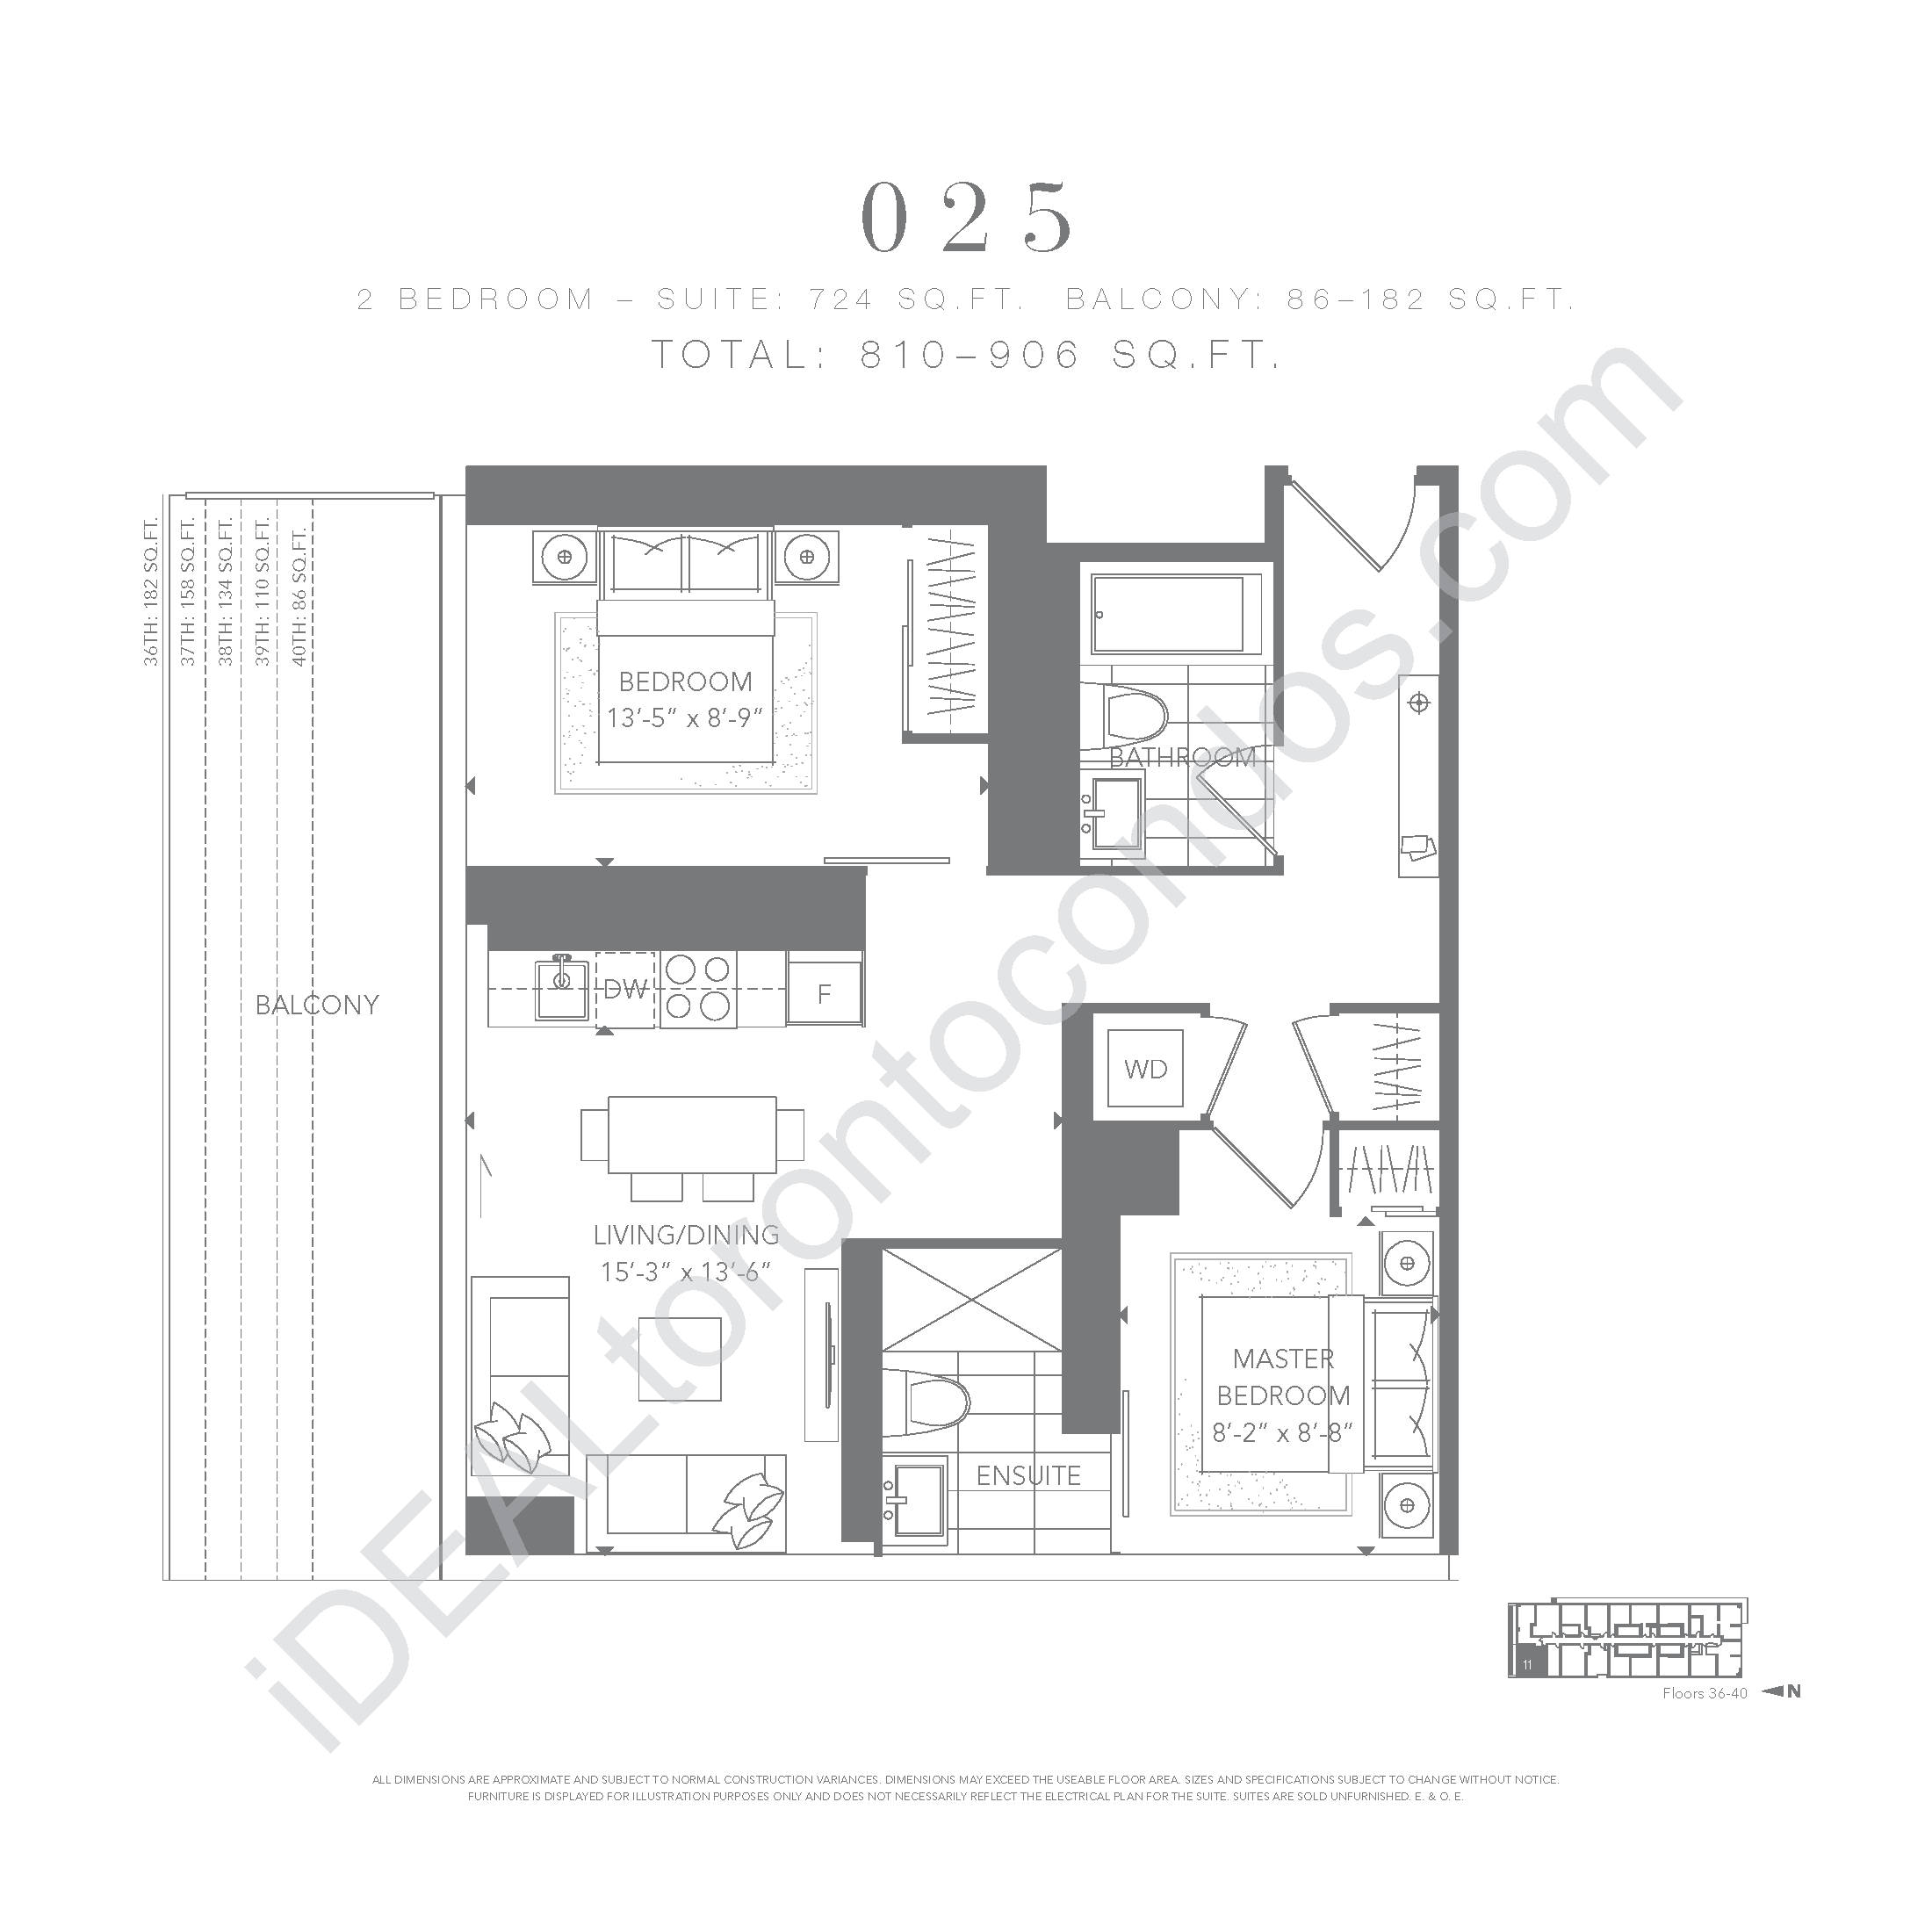 2 bedroom 025